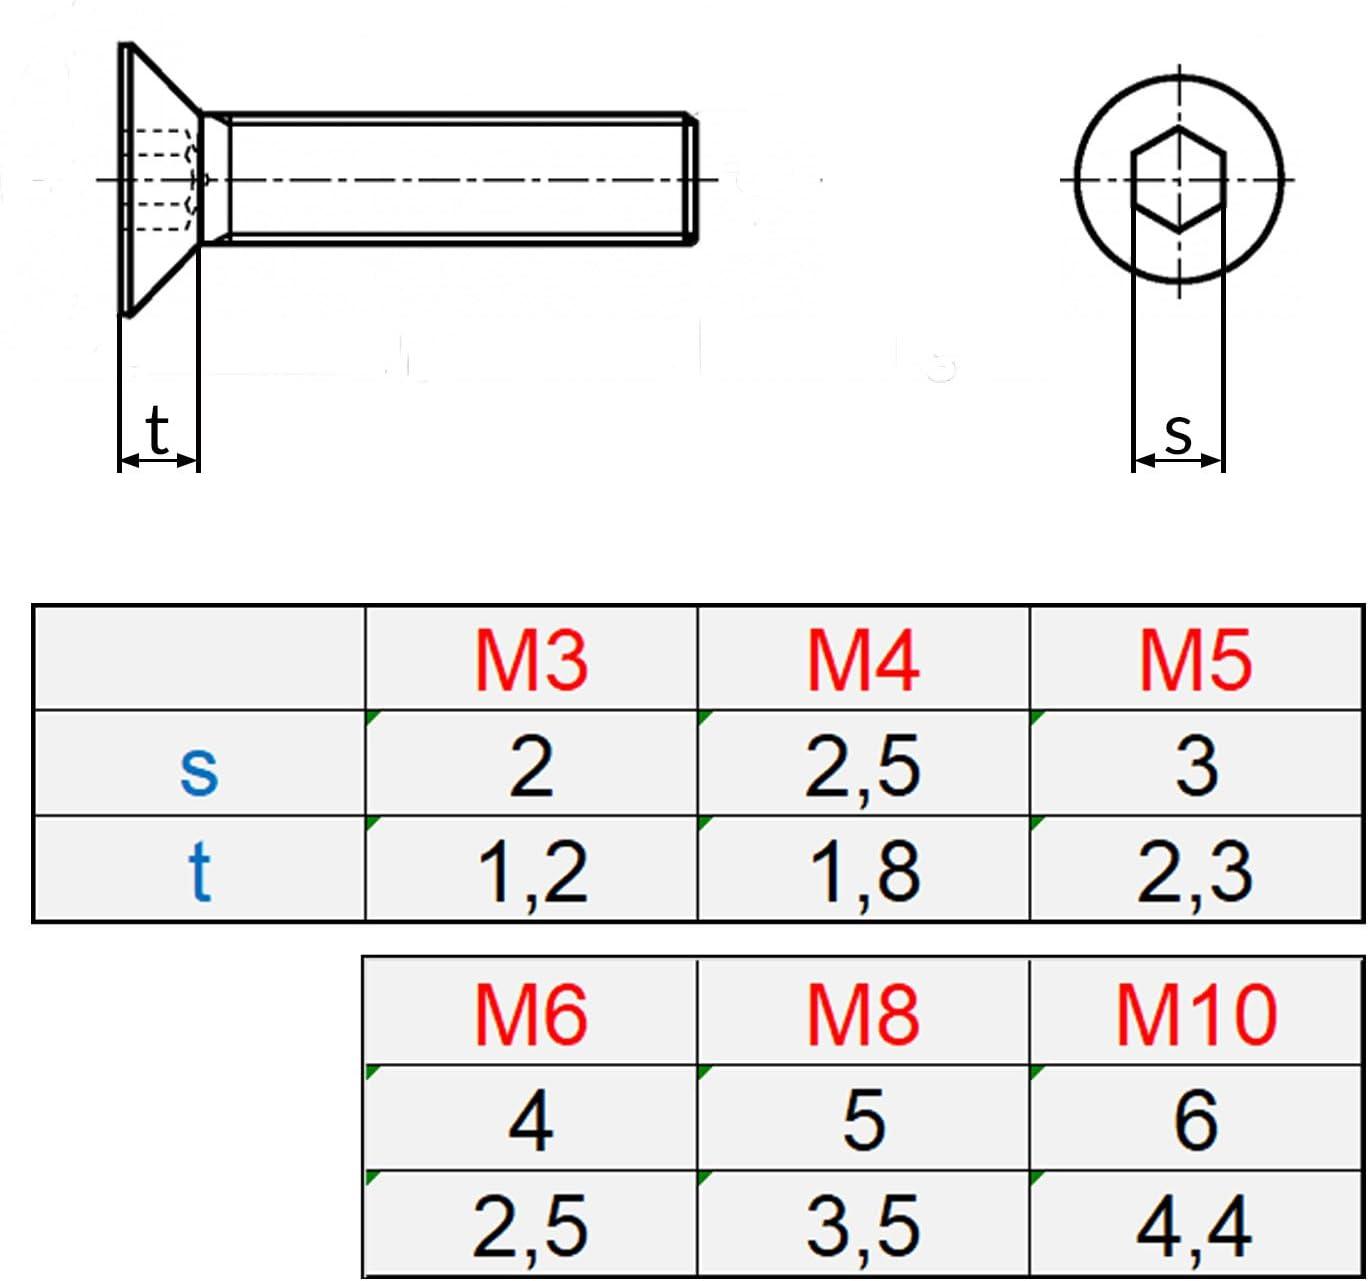 10 Senkkopfschrauben mit Innensechskant Edelstahl M 6 x 35 mm Vollgewindeschrauben Schrauben DIN 7991 A2